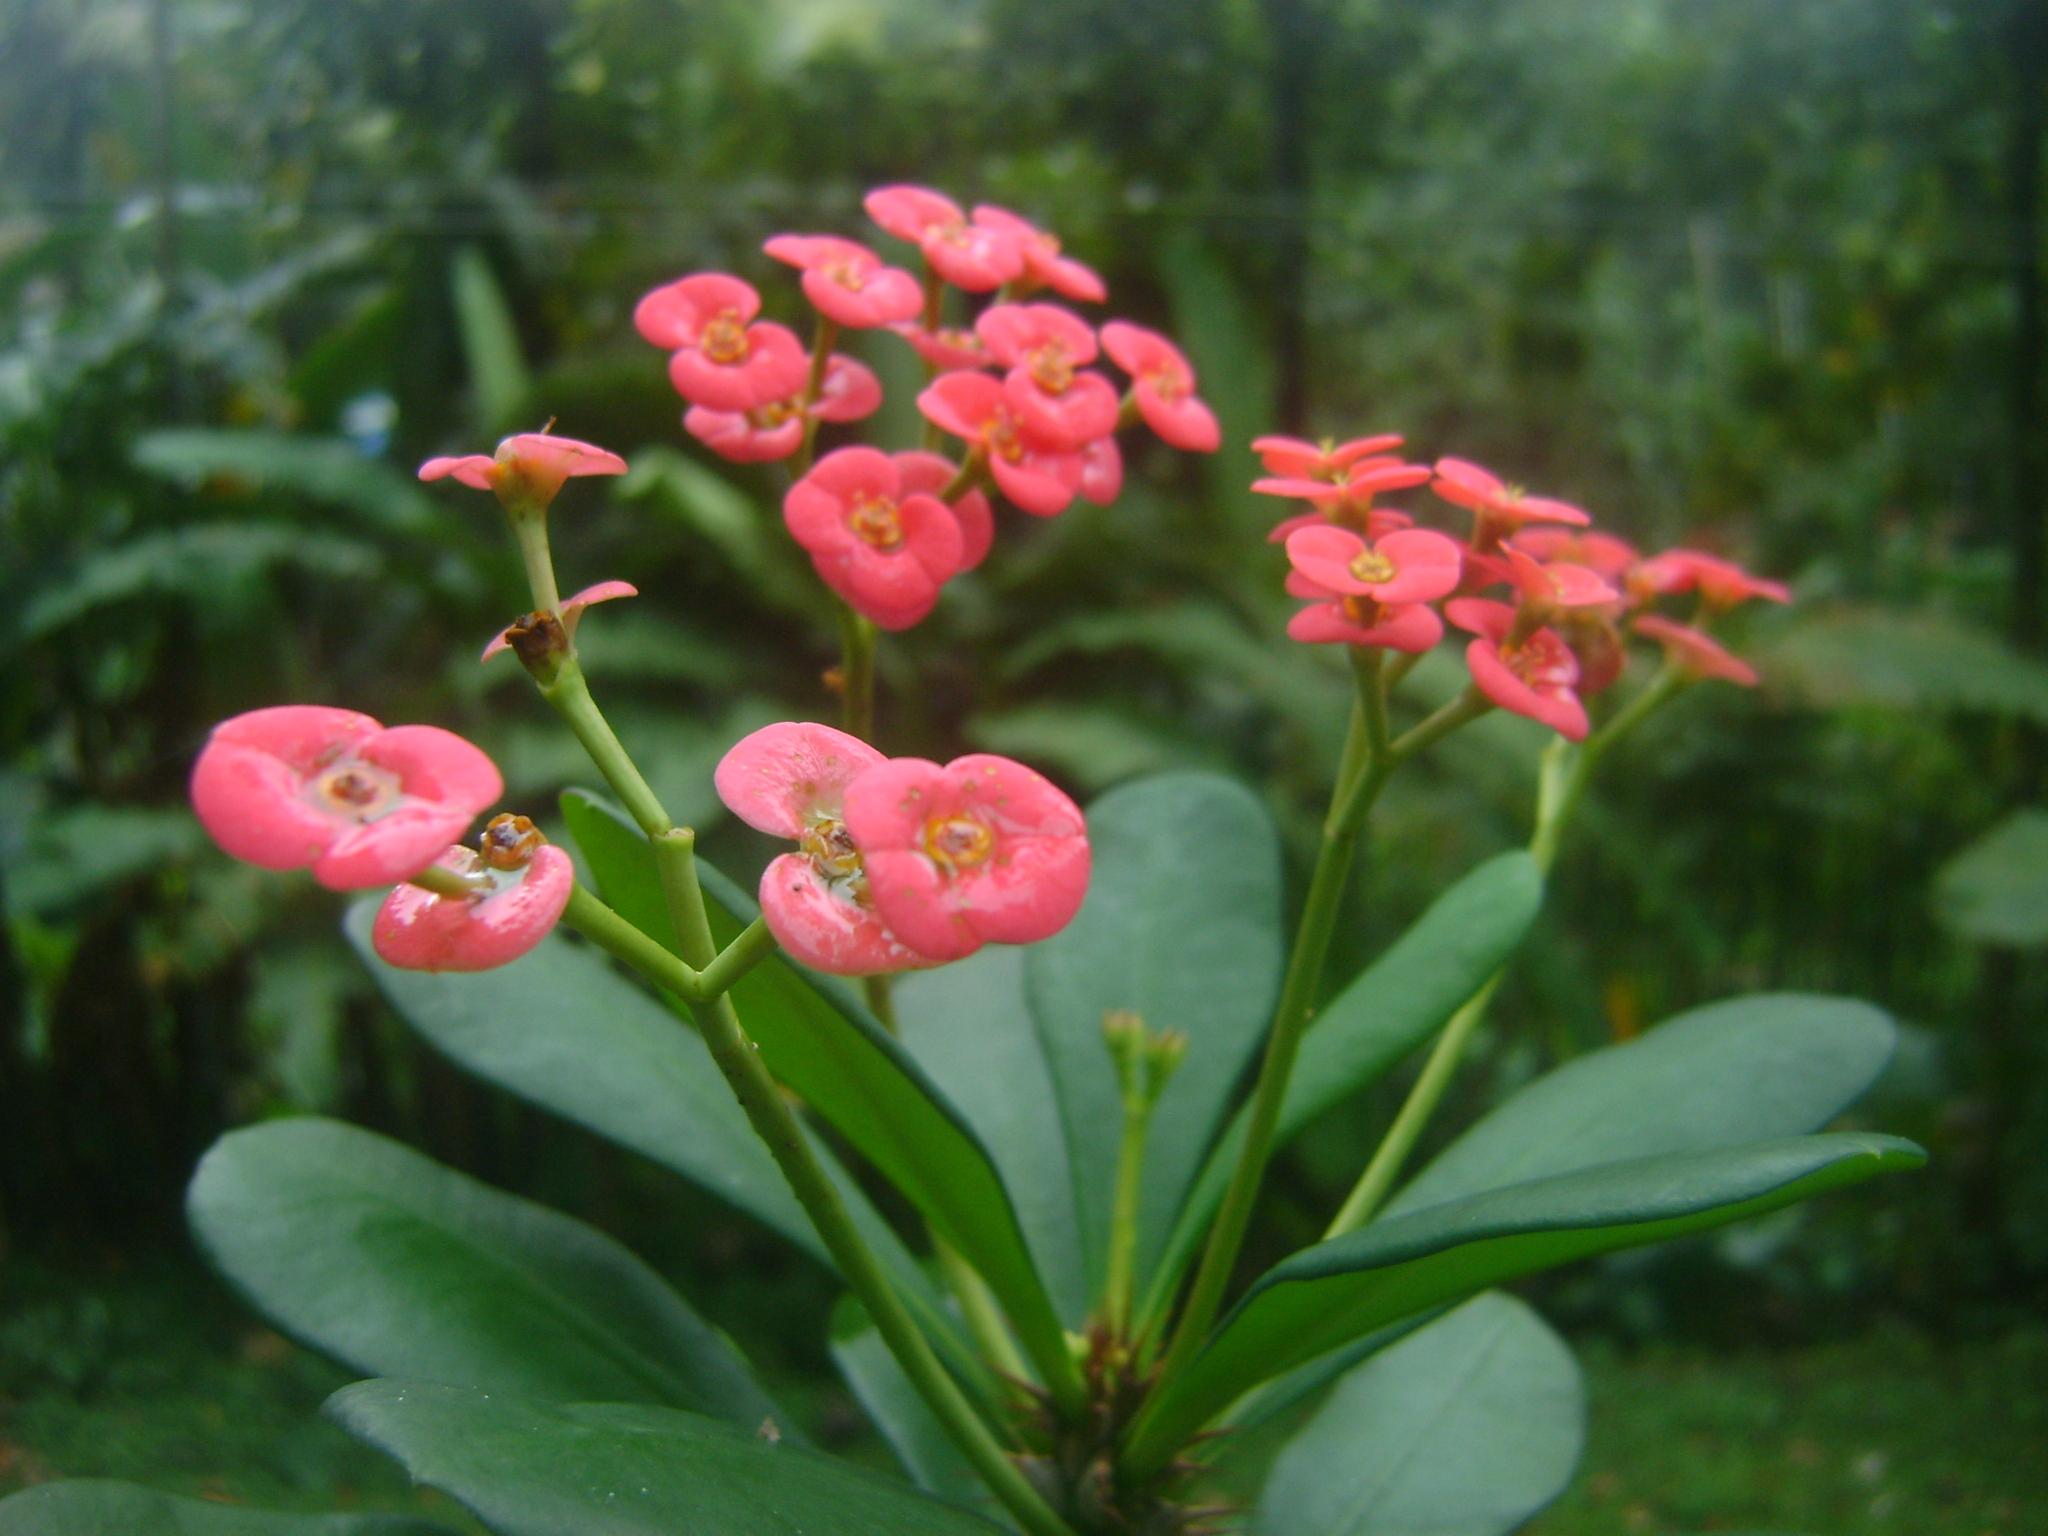 Fileeuphorbia Flowers From Kerala Gardeng Wikimedia Commons